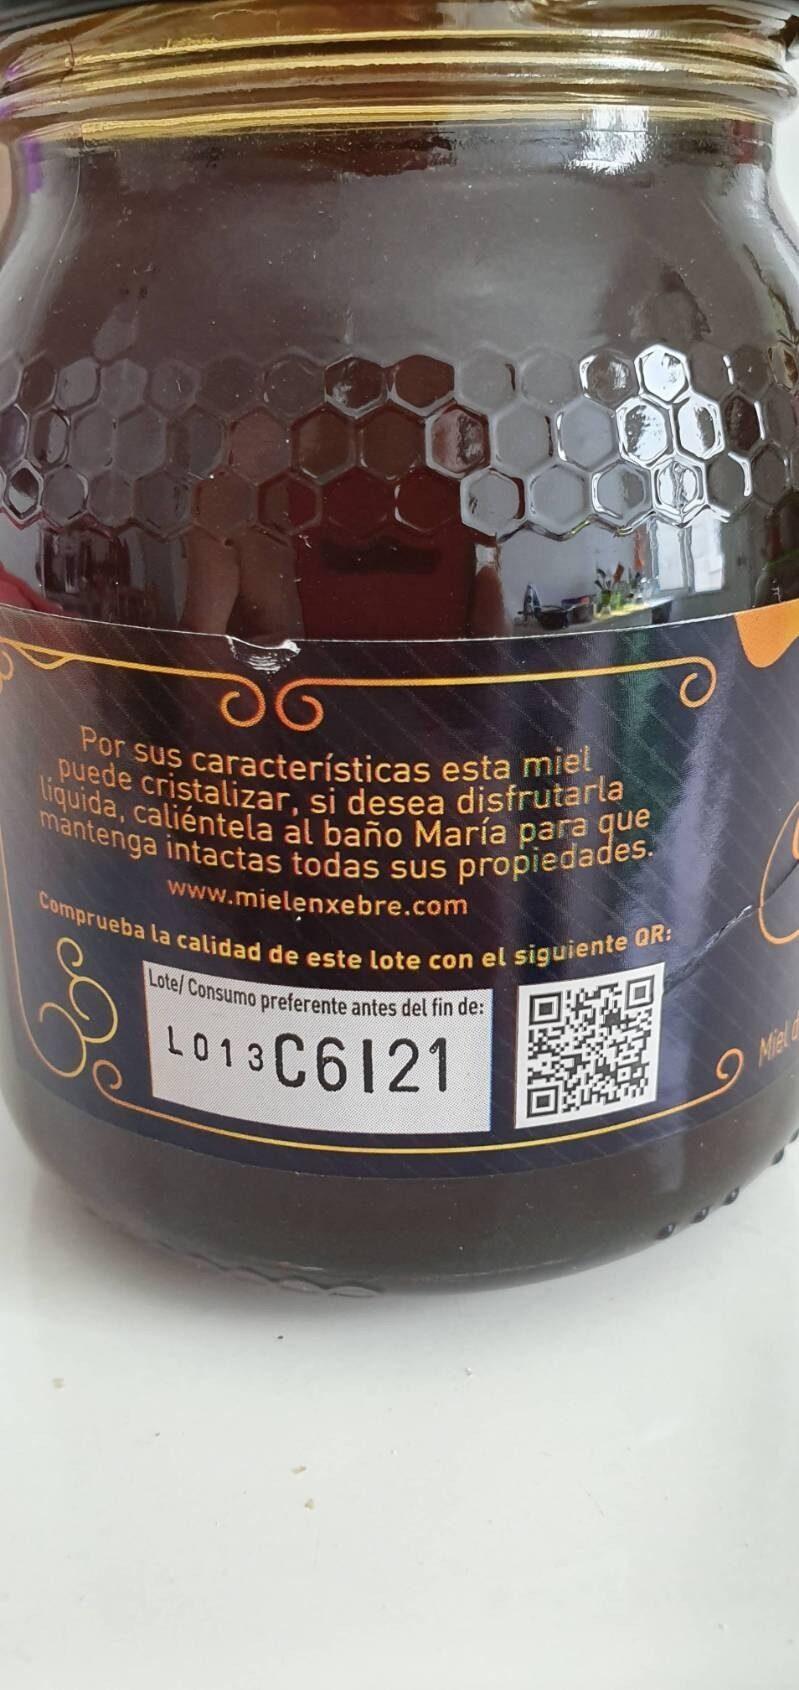 Mel de galicia - Ingredientes - es